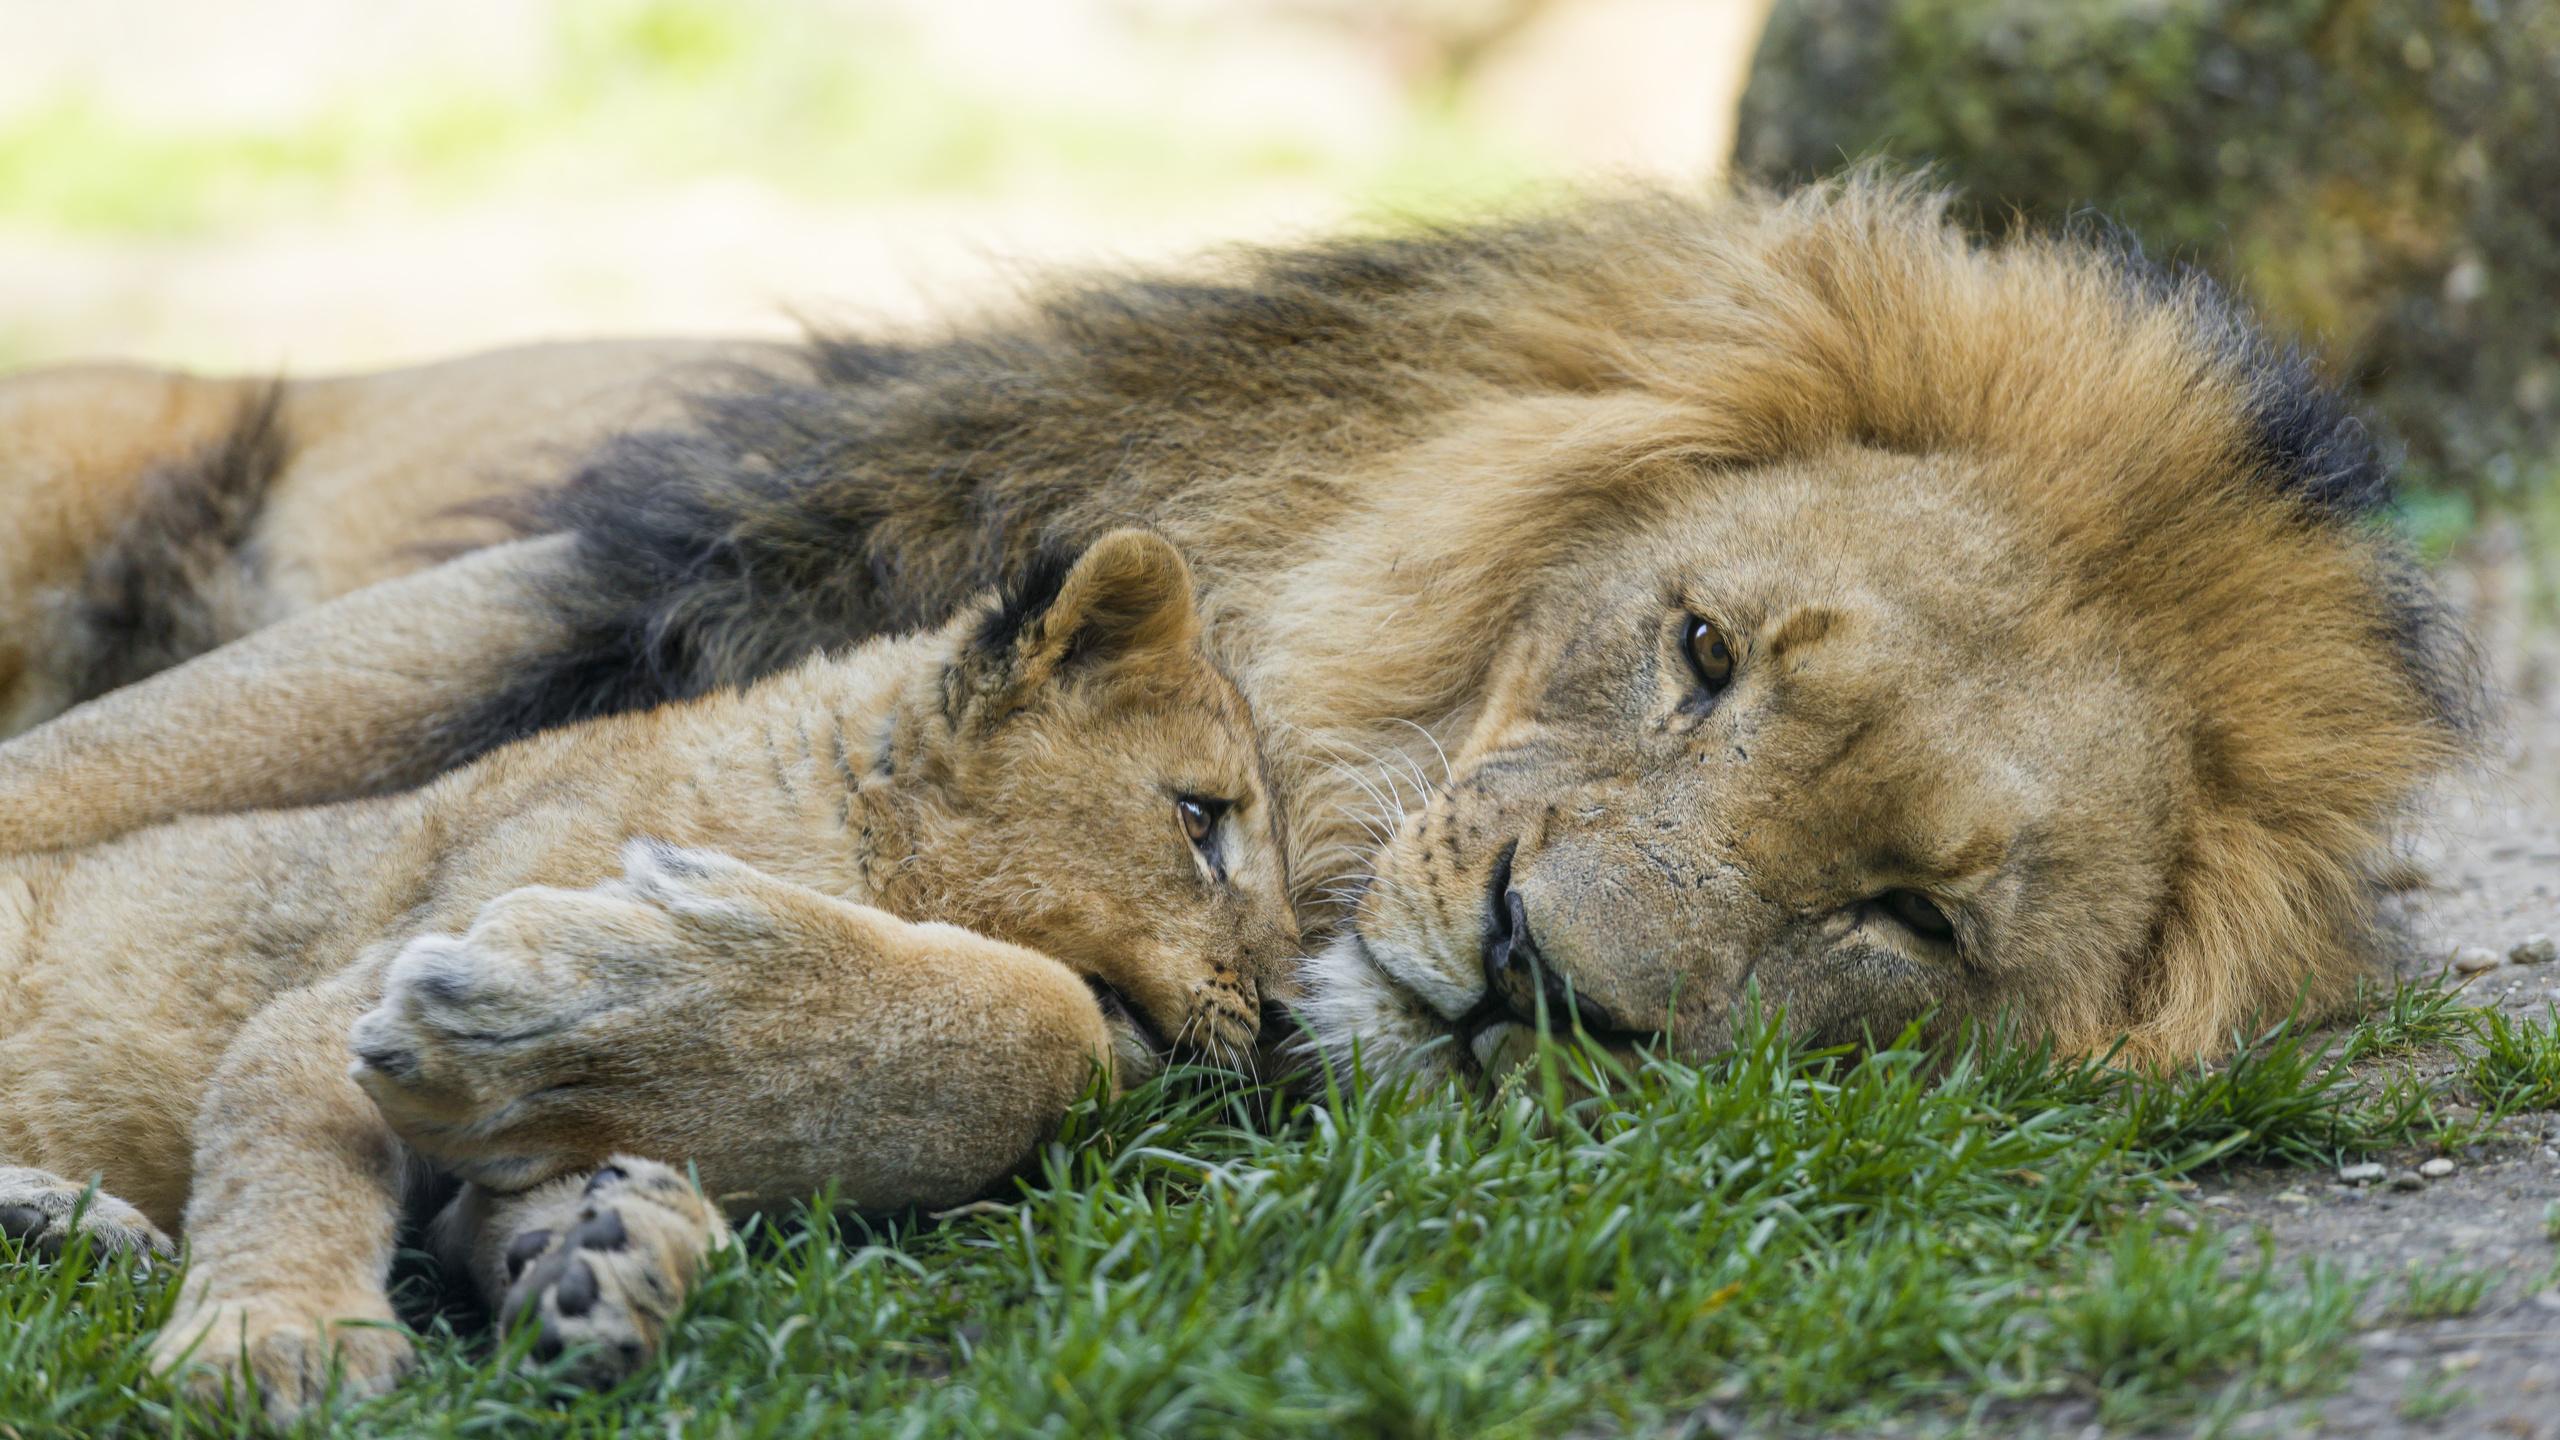 картинки лев львица львята высококачественного материала текстильной